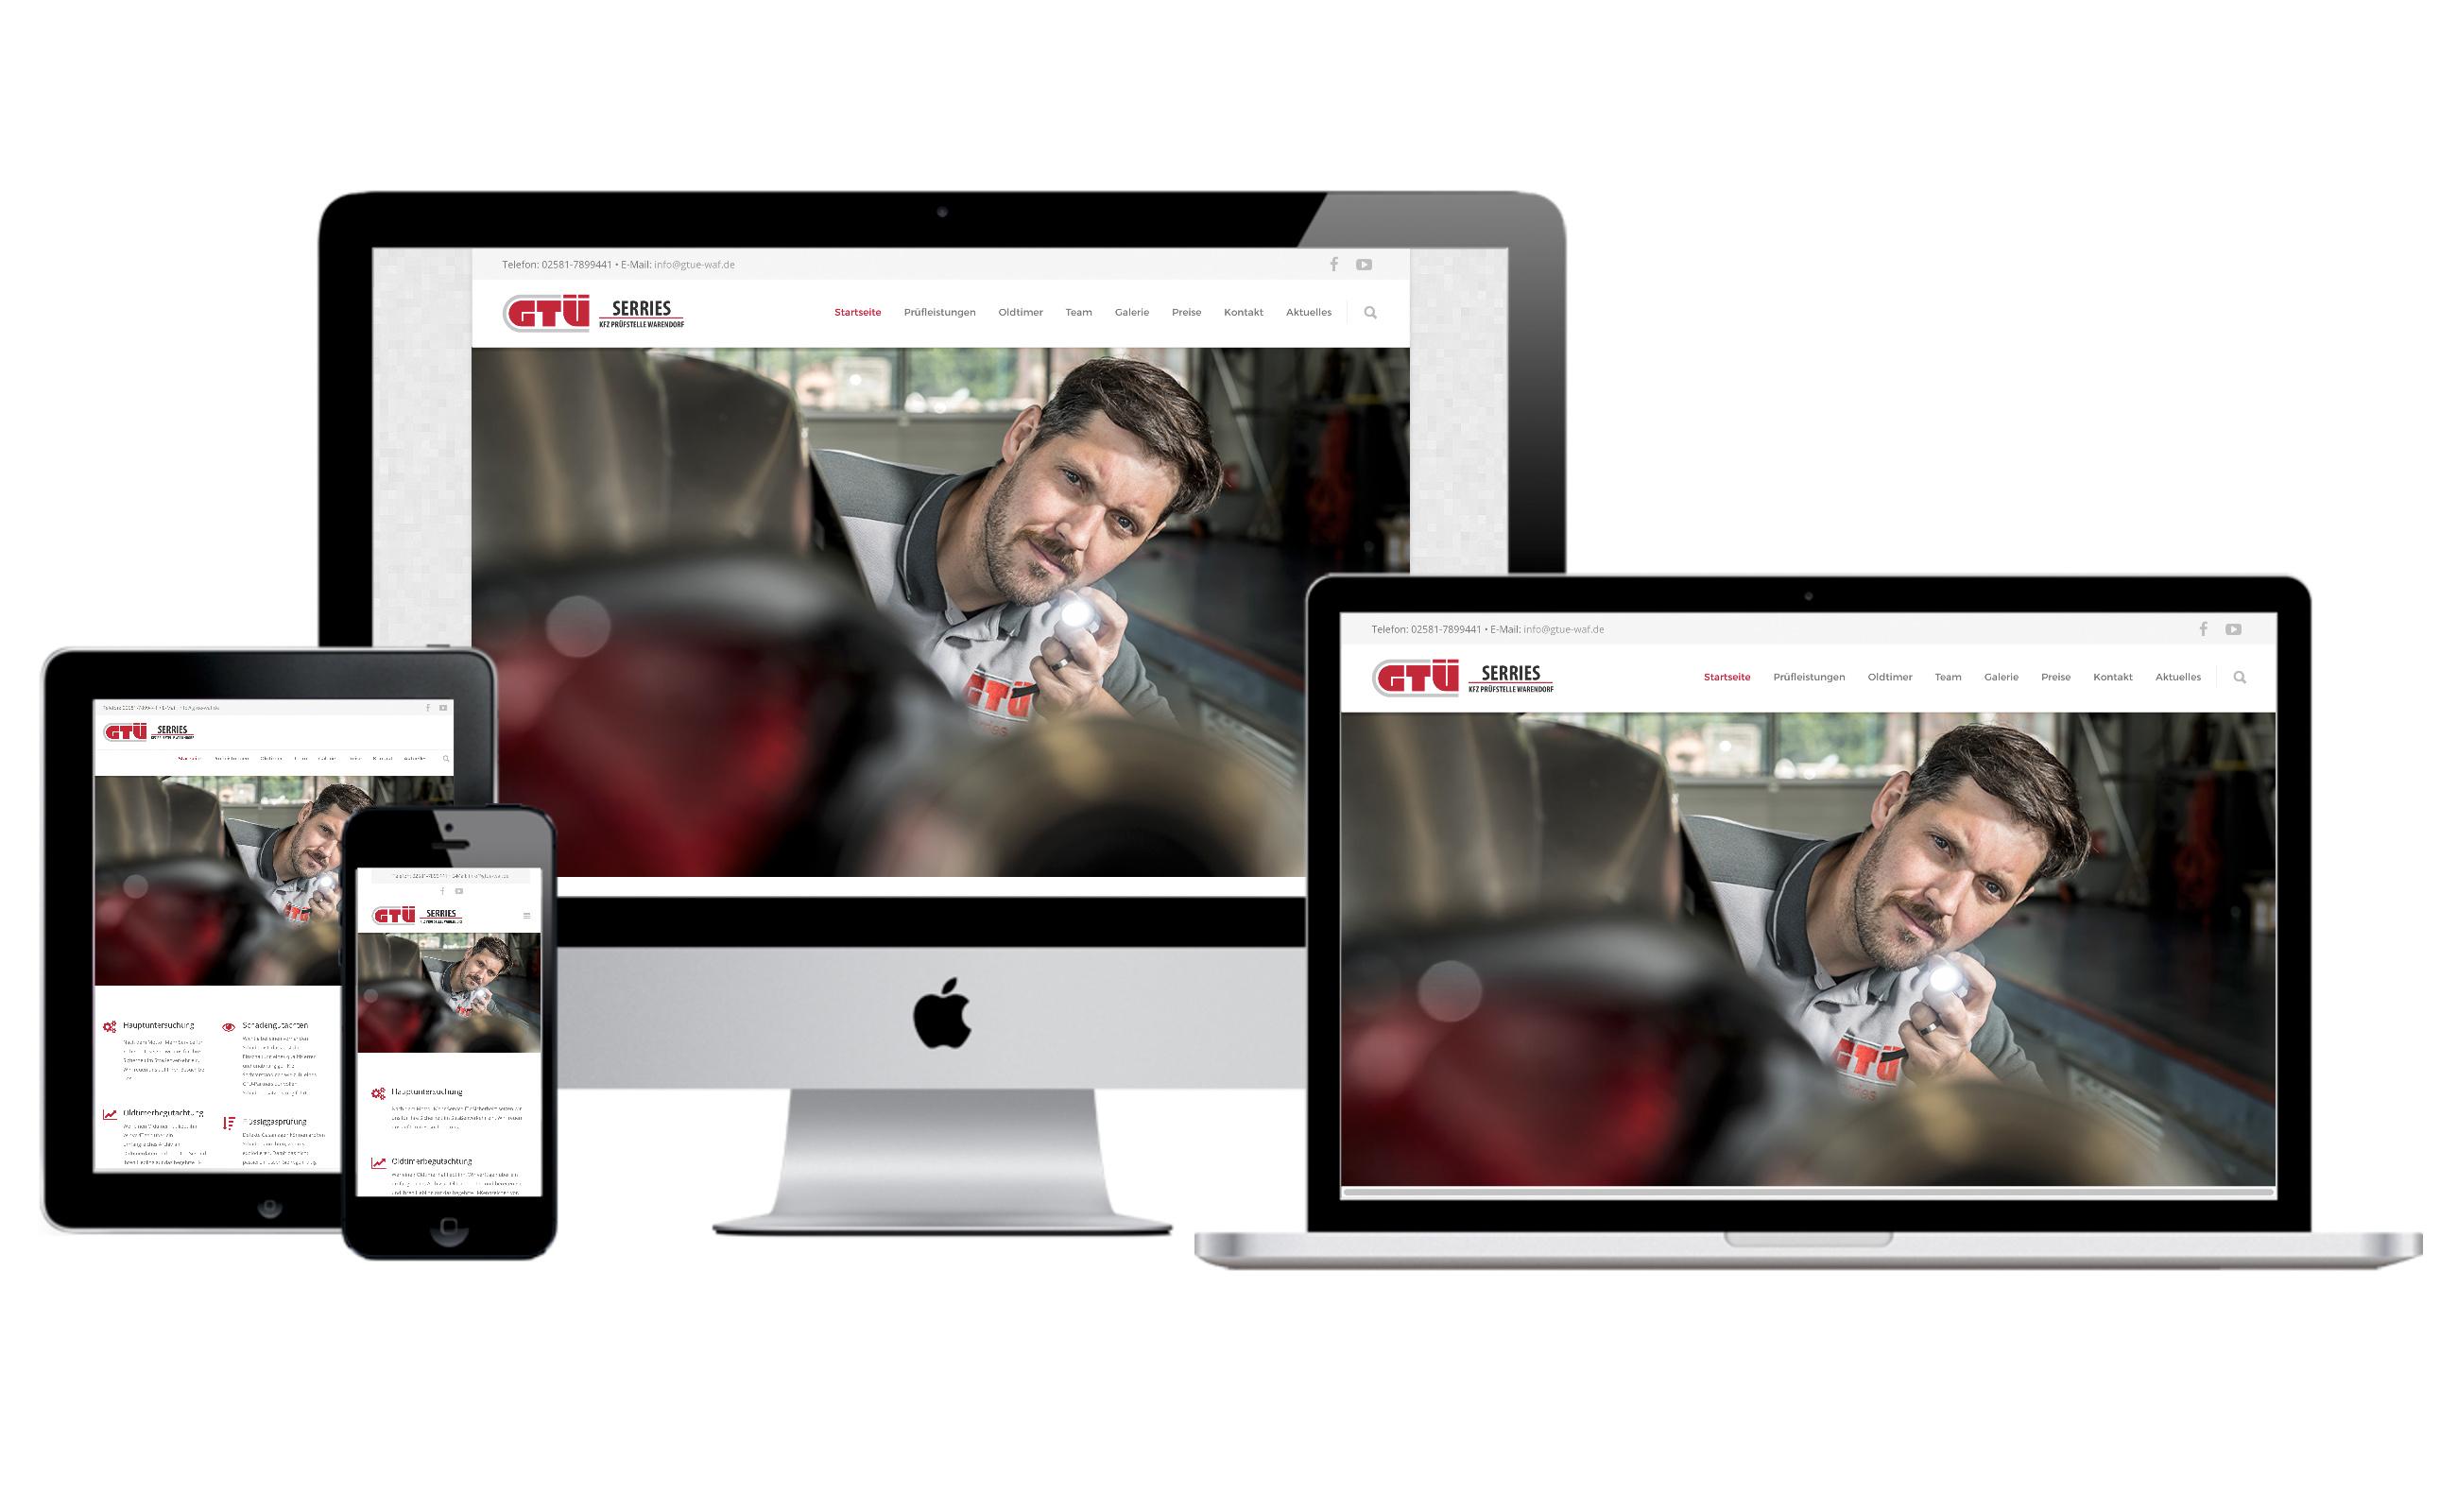 Websitenscreens der GTÜ Warendorf für verschiedene Formate. Von der Werbeagentur Medien Formen Werte aus Münster erstellt.